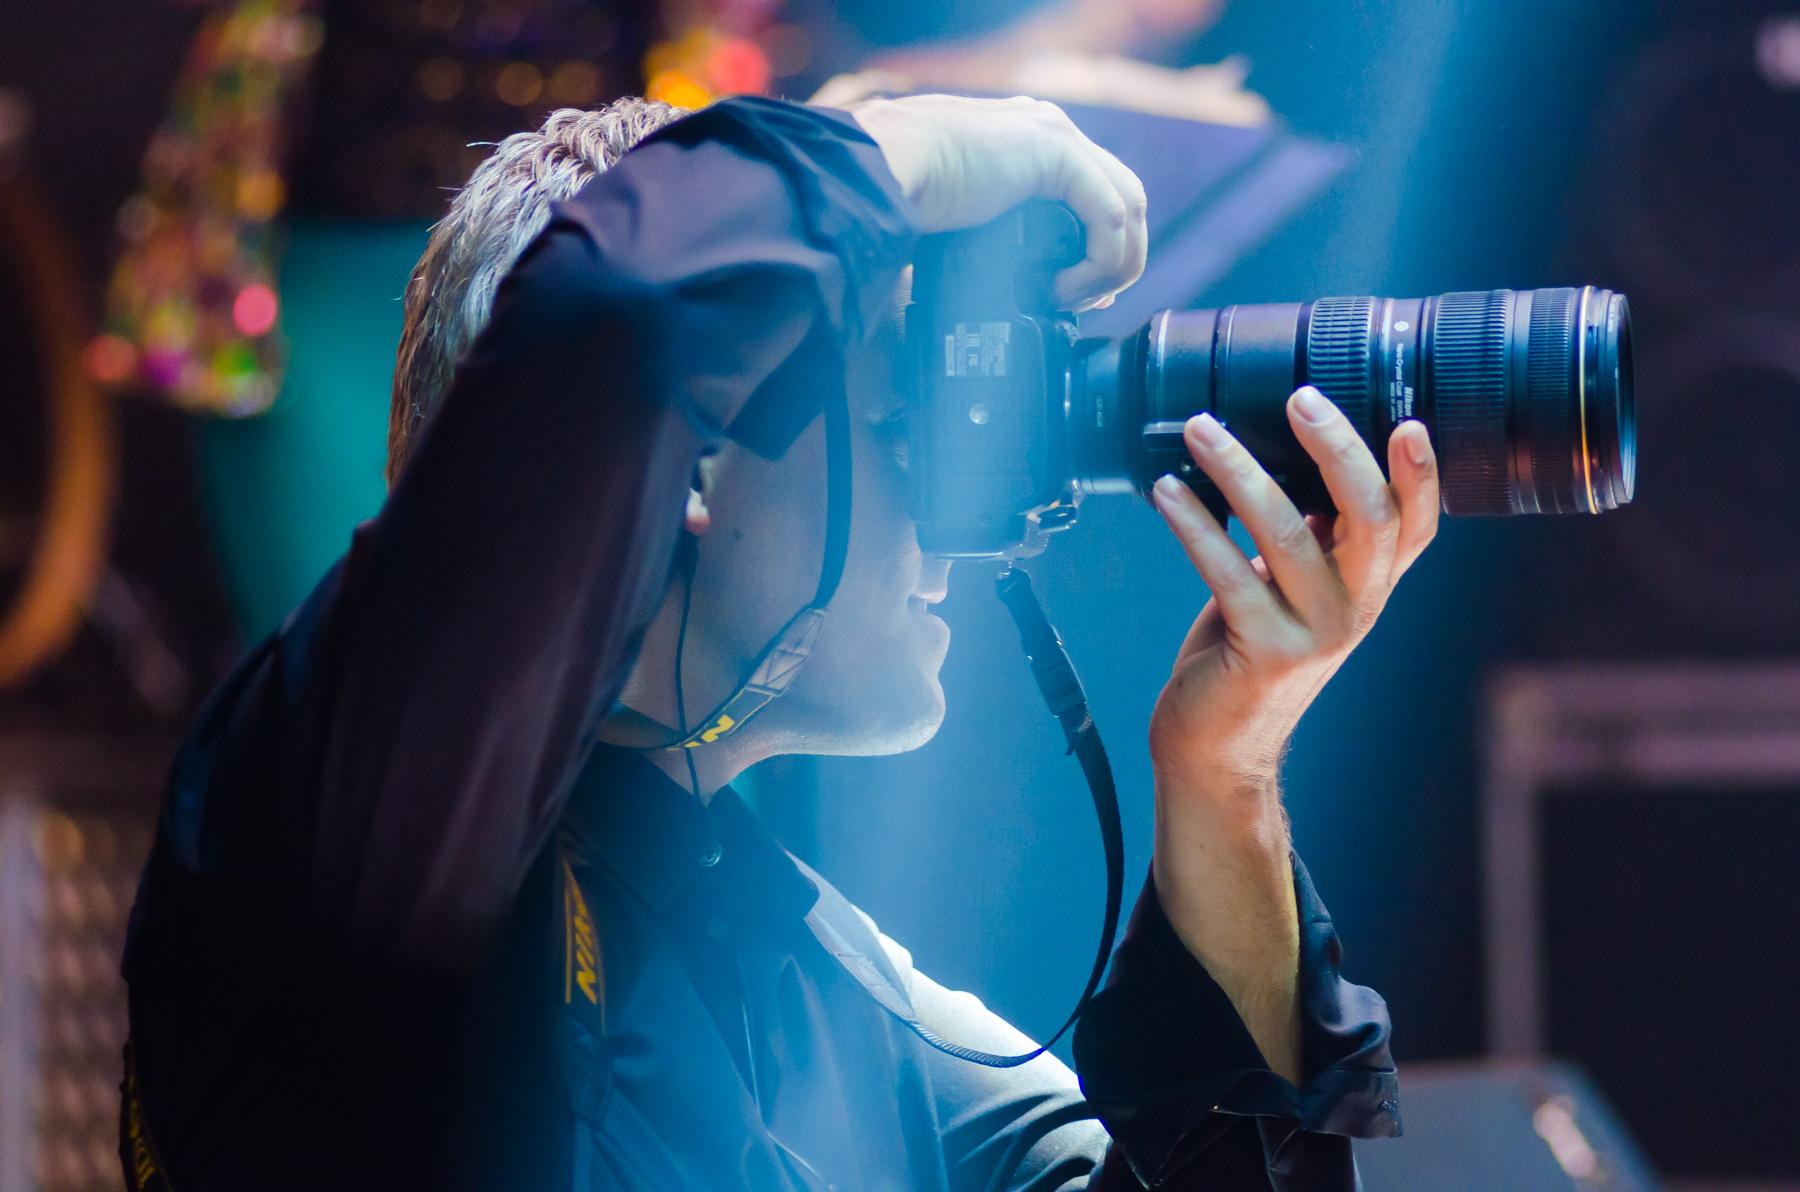 Contate Marco Botelho Fotógrafo - Fotografia de casamento e debutantes - Sorocaba - SP